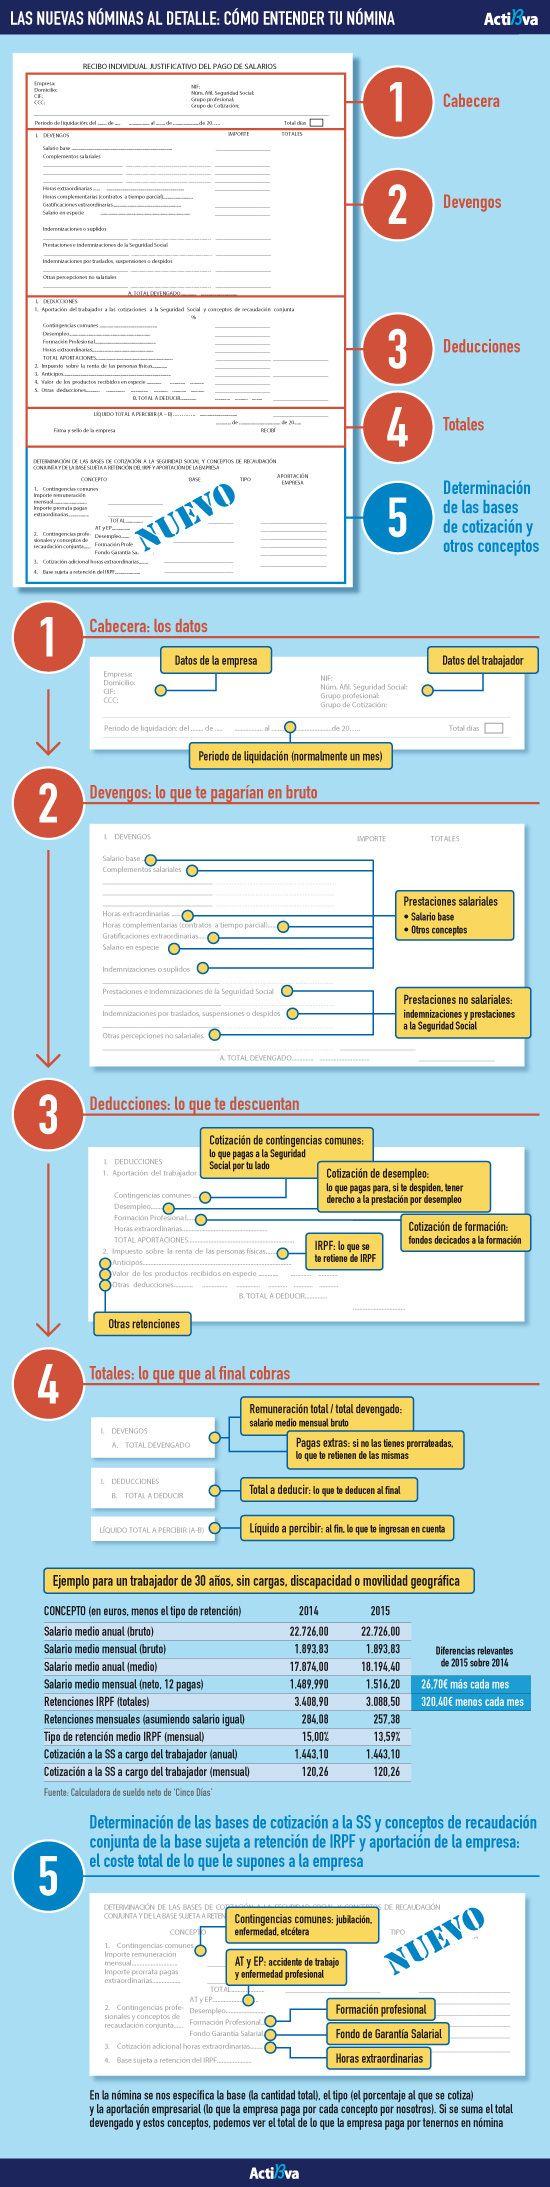 Cómo es el nuevo recibo de nómina en España #infografia #infographic #rrhh